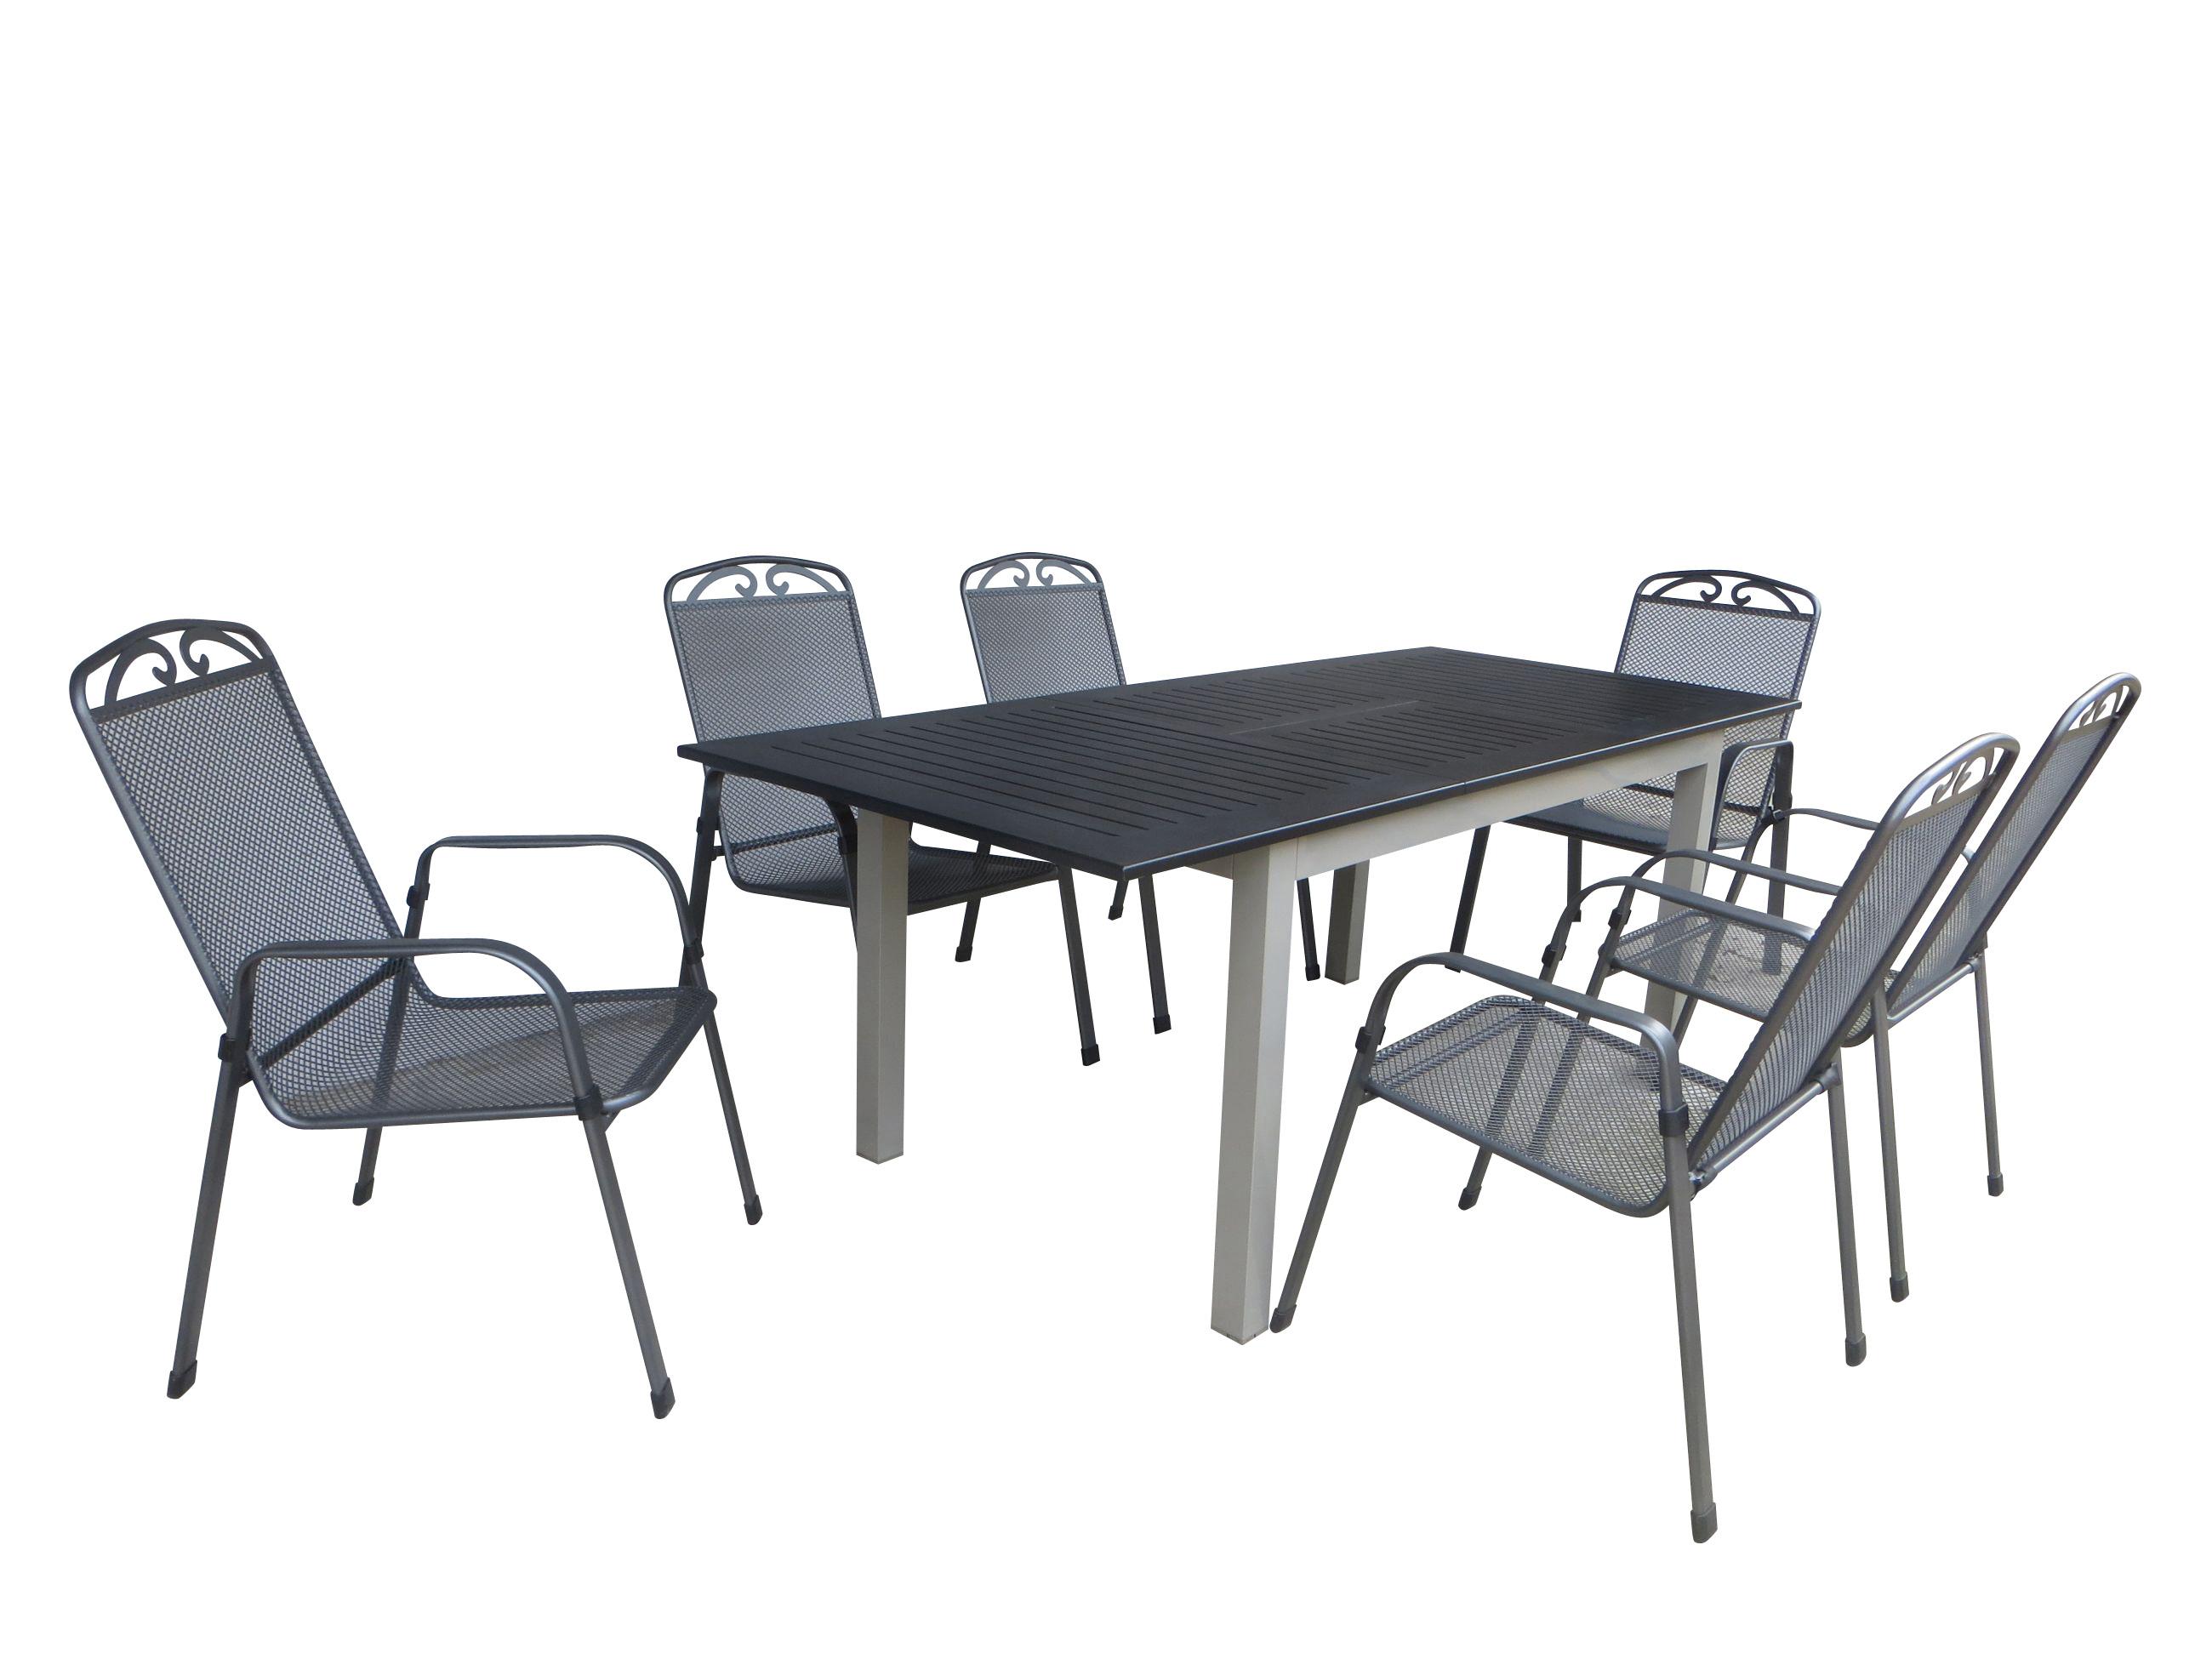 pune alu gartenm bel set sitzgarnitur 7tlg champagner. Black Bedroom Furniture Sets. Home Design Ideas